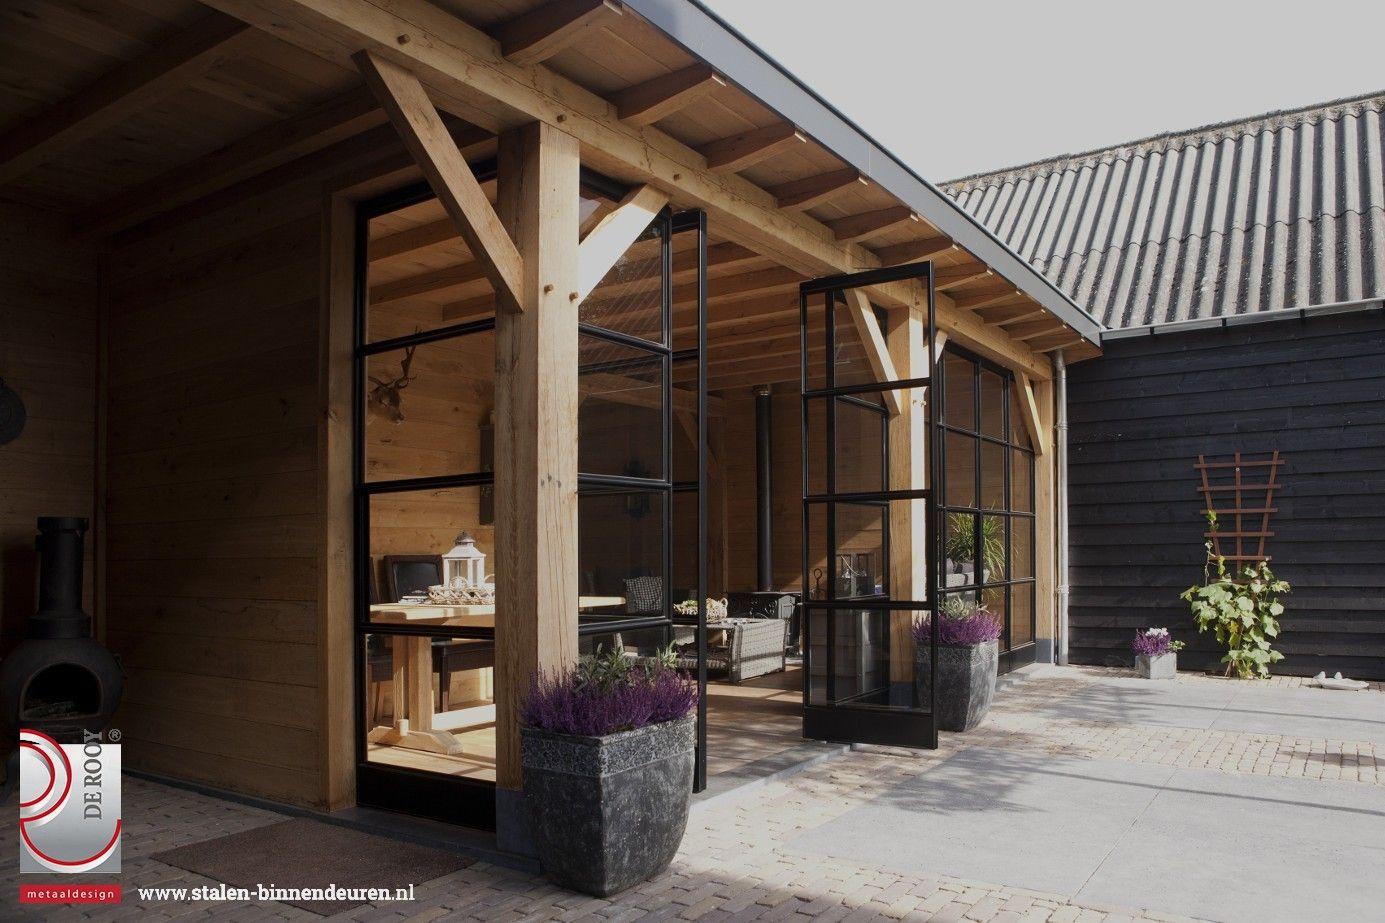 In een riante achtertuin in Ederveen mochten wij een wand met stalen deuren plaatsen in een klassiek gebouwde buitenkamer. In totaal hebben we twee paar dubbele deuren en één enkele deur in de glazen wand verwerkt.